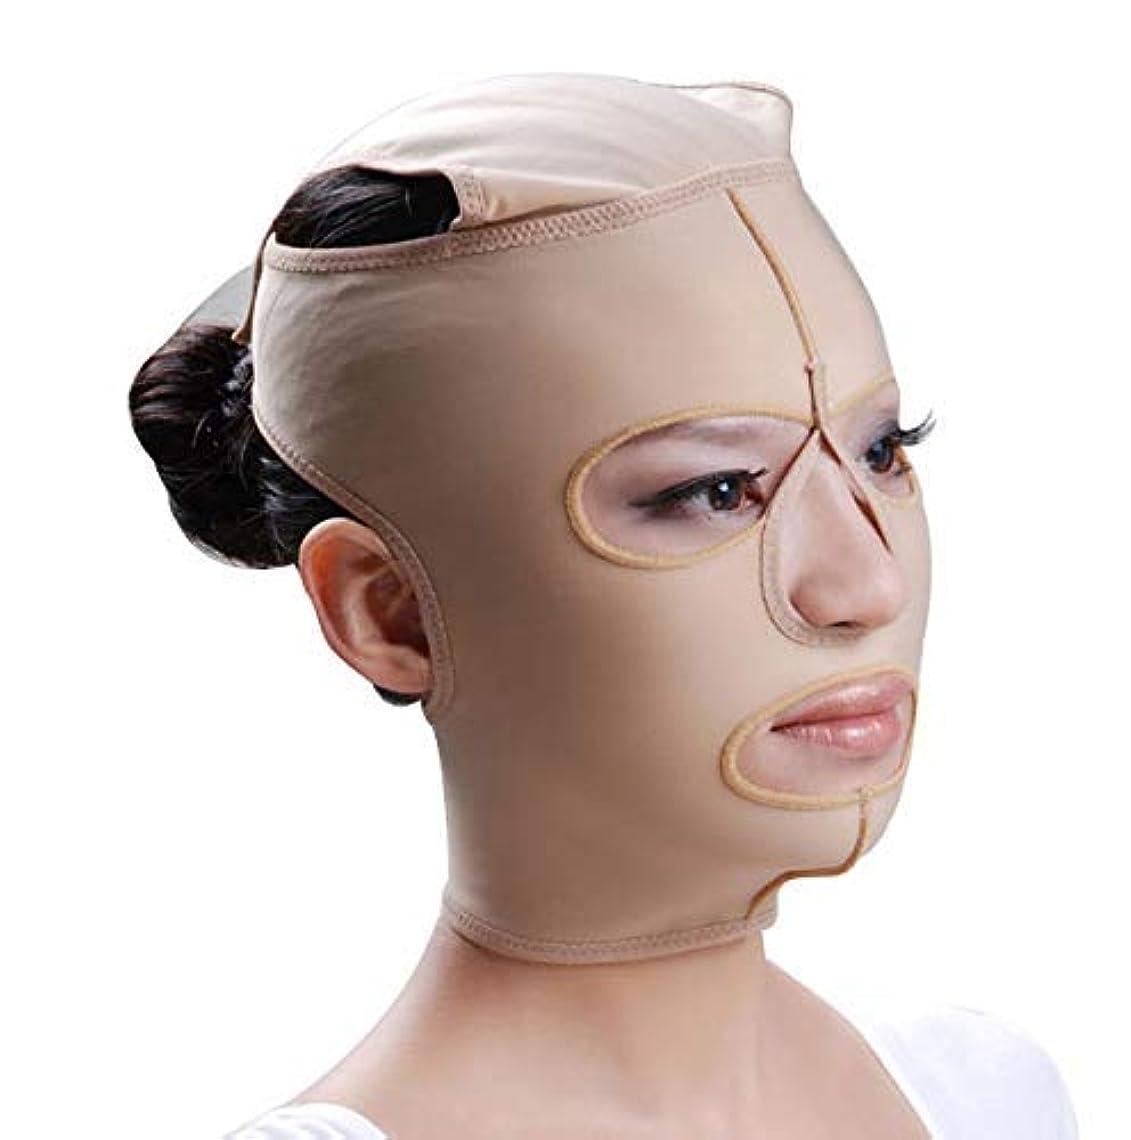 与える重々しい知人ファーミングフェイスマスク、フェイシャルマスクエラスティックフェイスリフティングリフティングファーミングパターンマイクロフィニッシングポストモデリングコンプレッションフェイスマスク(サイズ:S),M